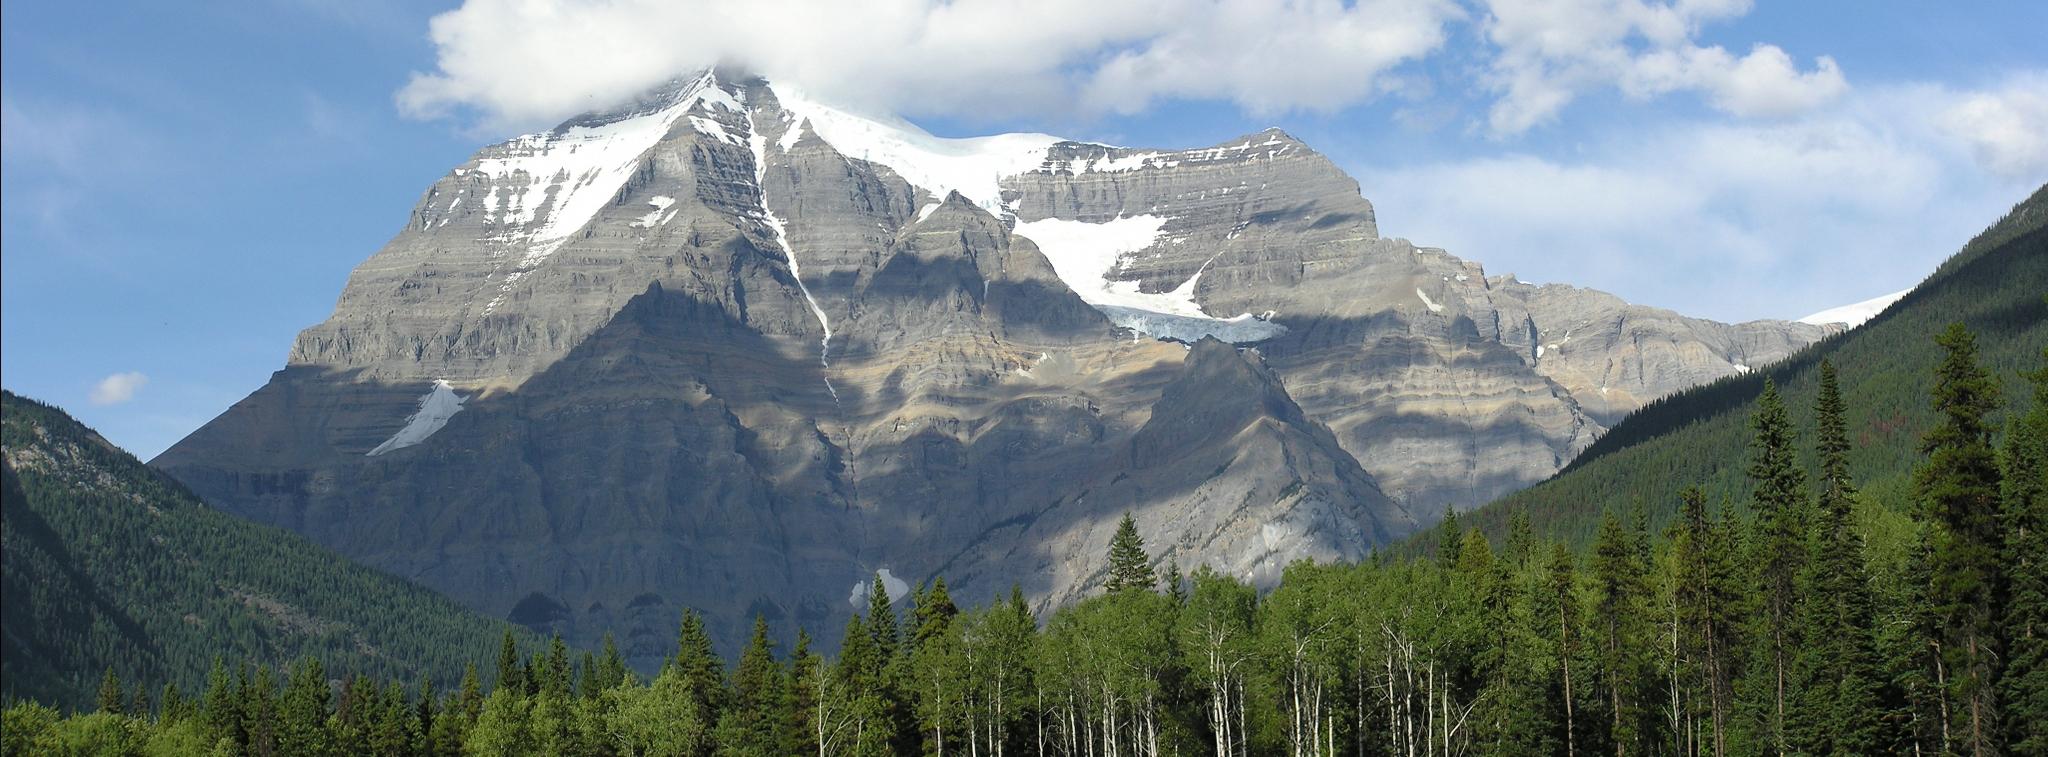 HIGHEST PEAK IN CANADIAN ROCKIES